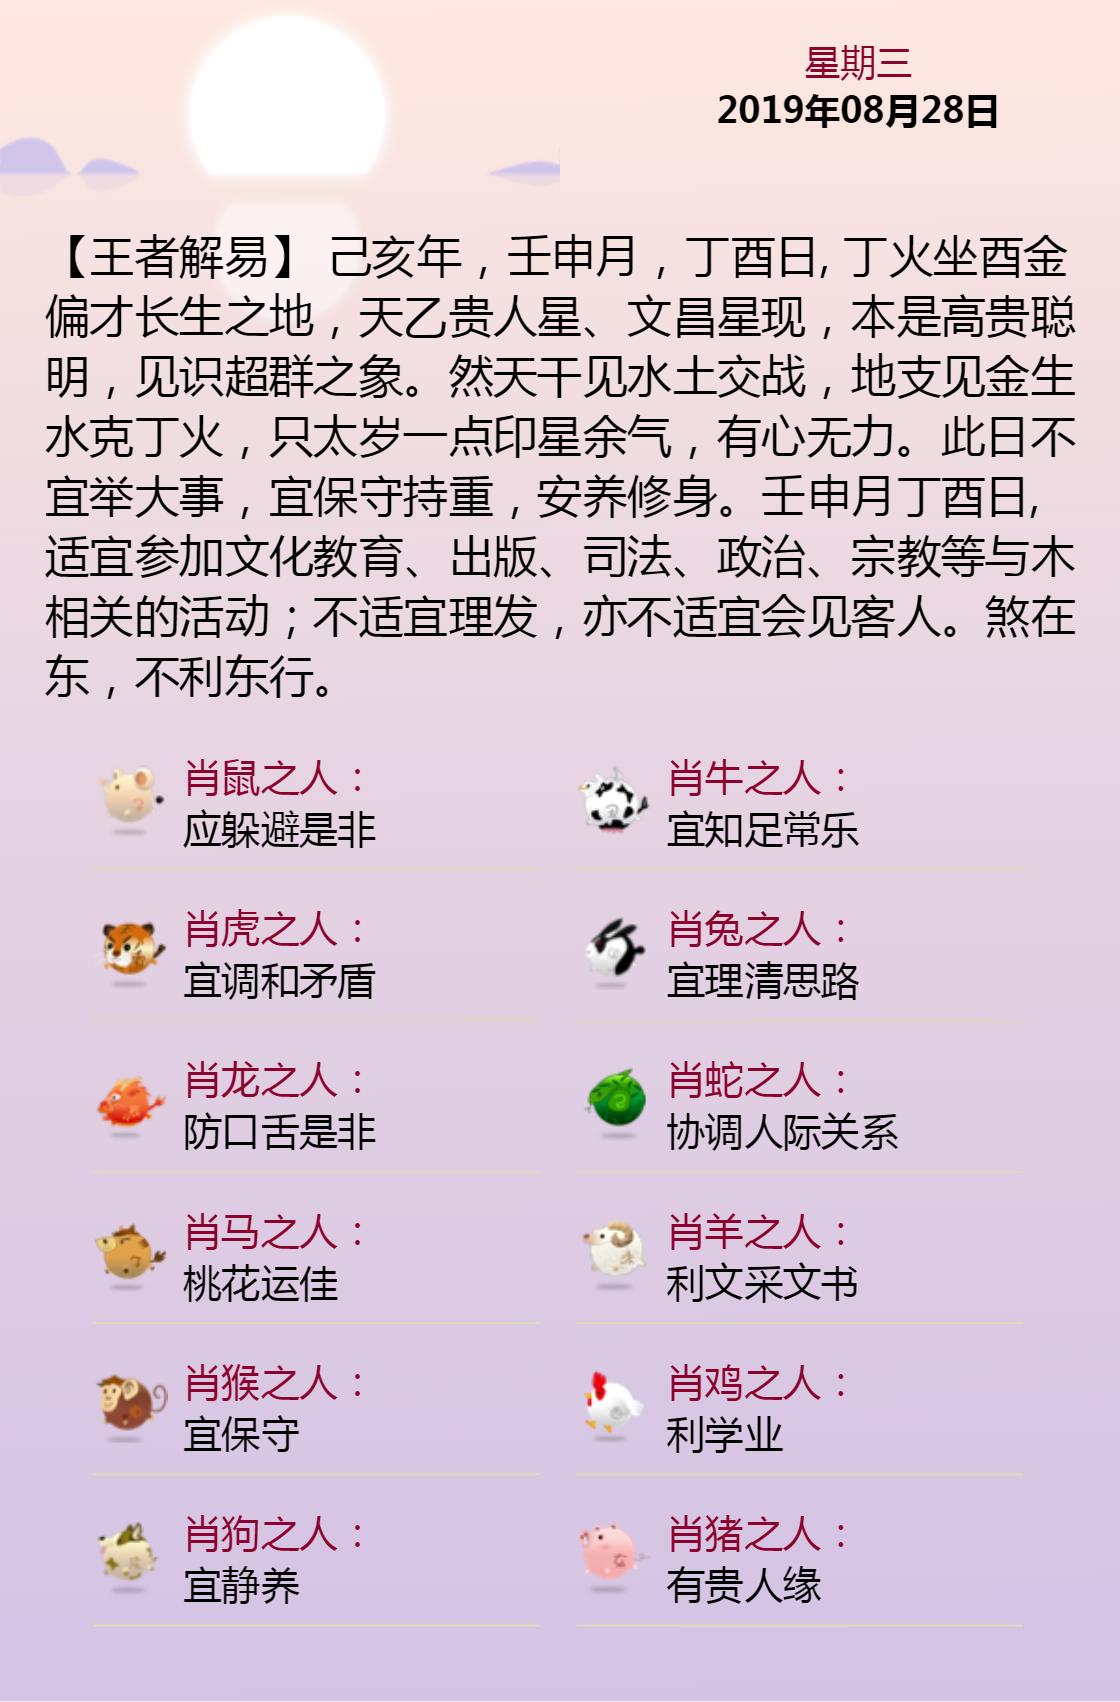 黄历海报20190828.png